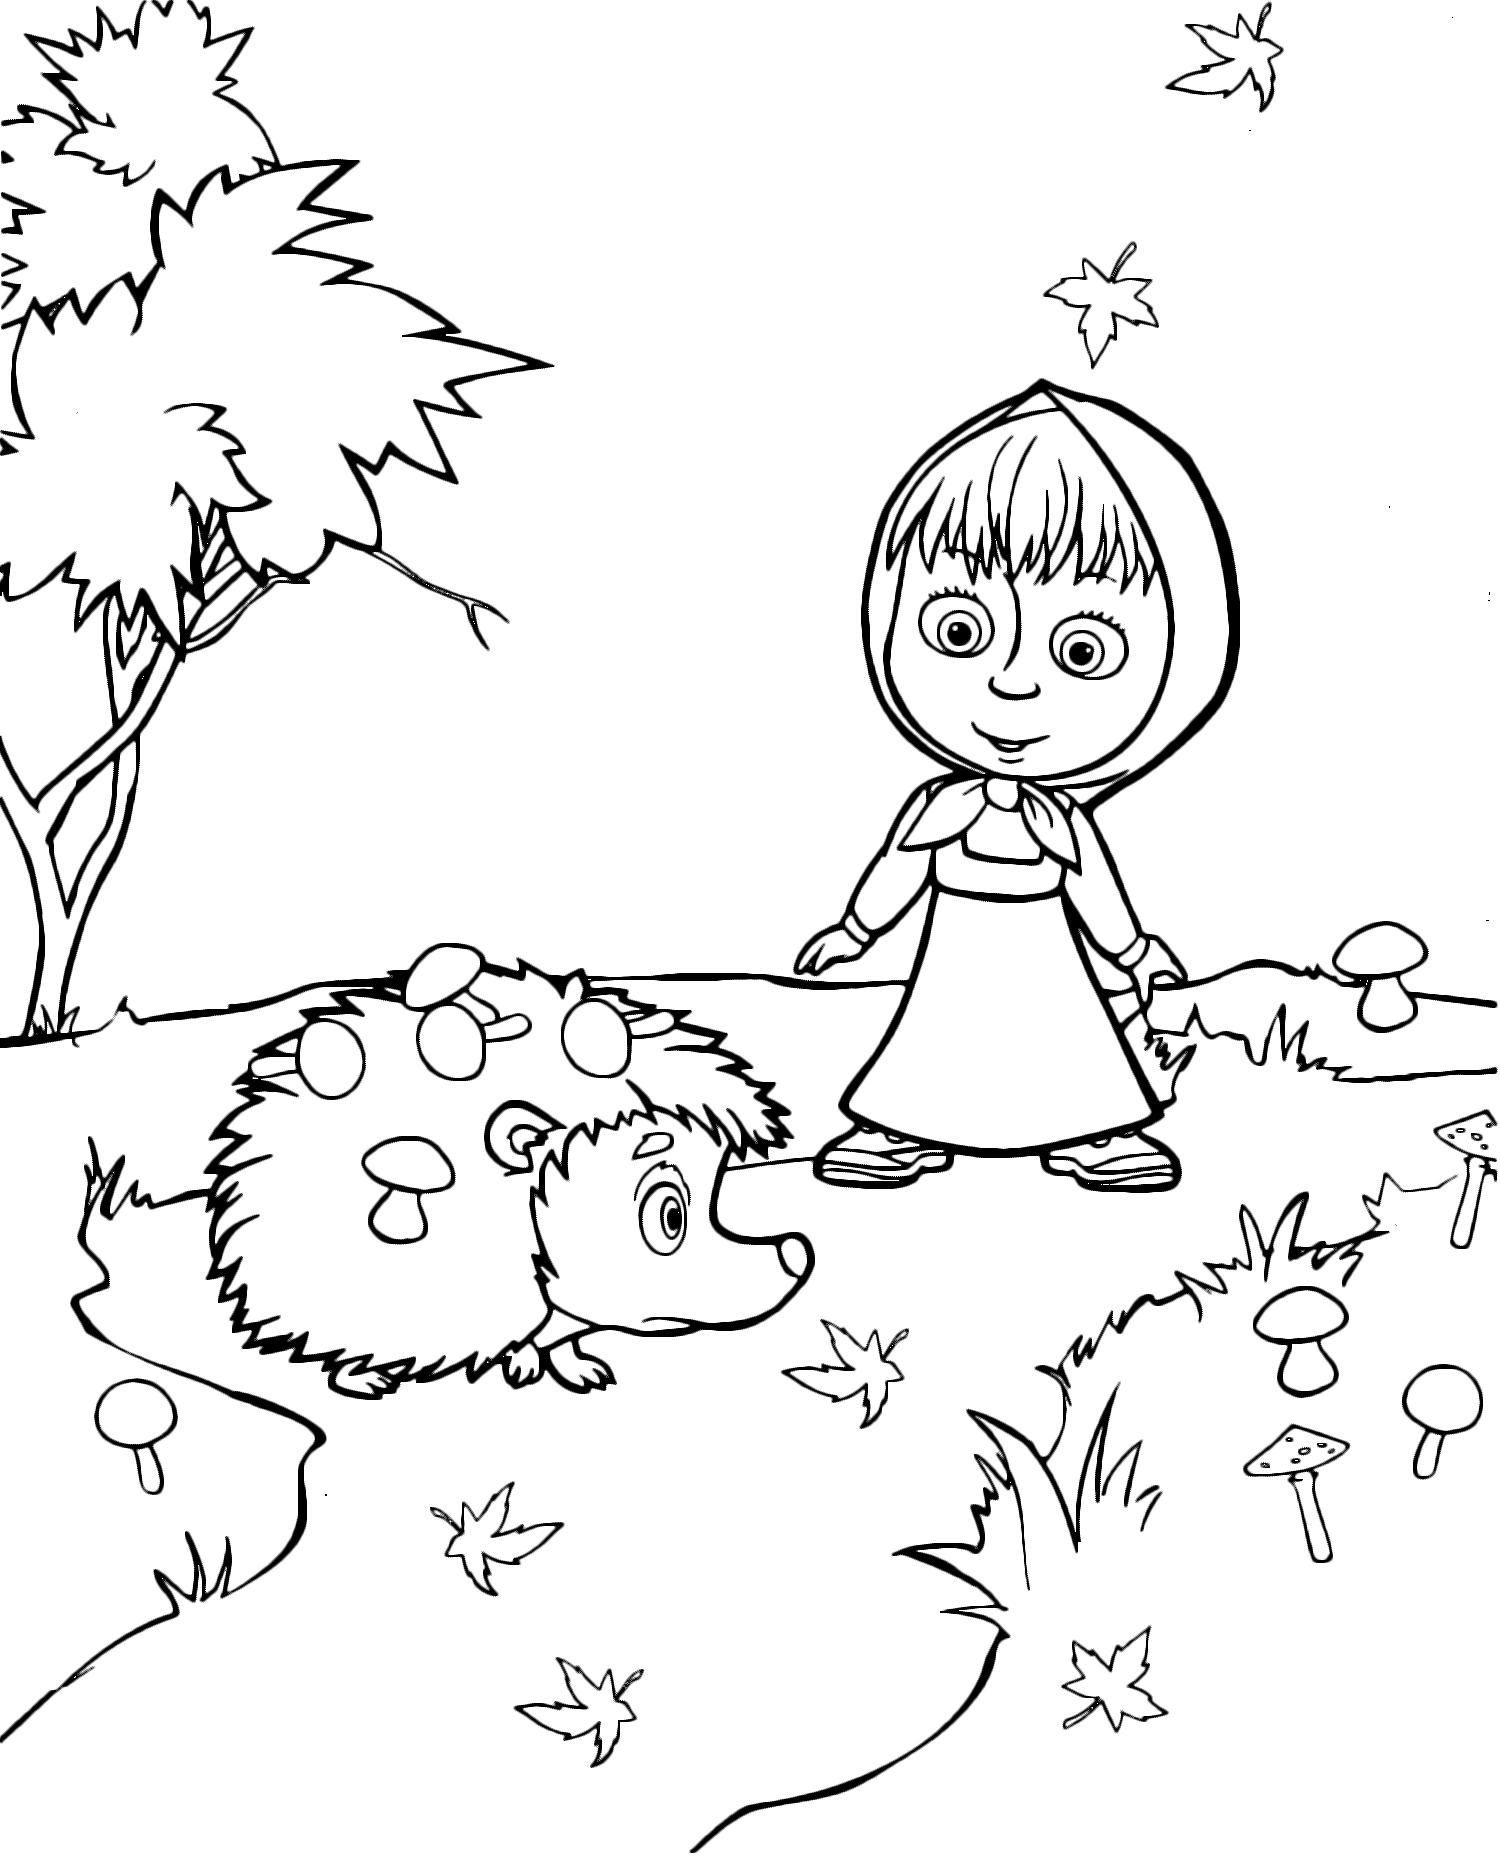 Раскраски «Маша и Медведь» - «Маша с ежиком» | Рисунки для ...